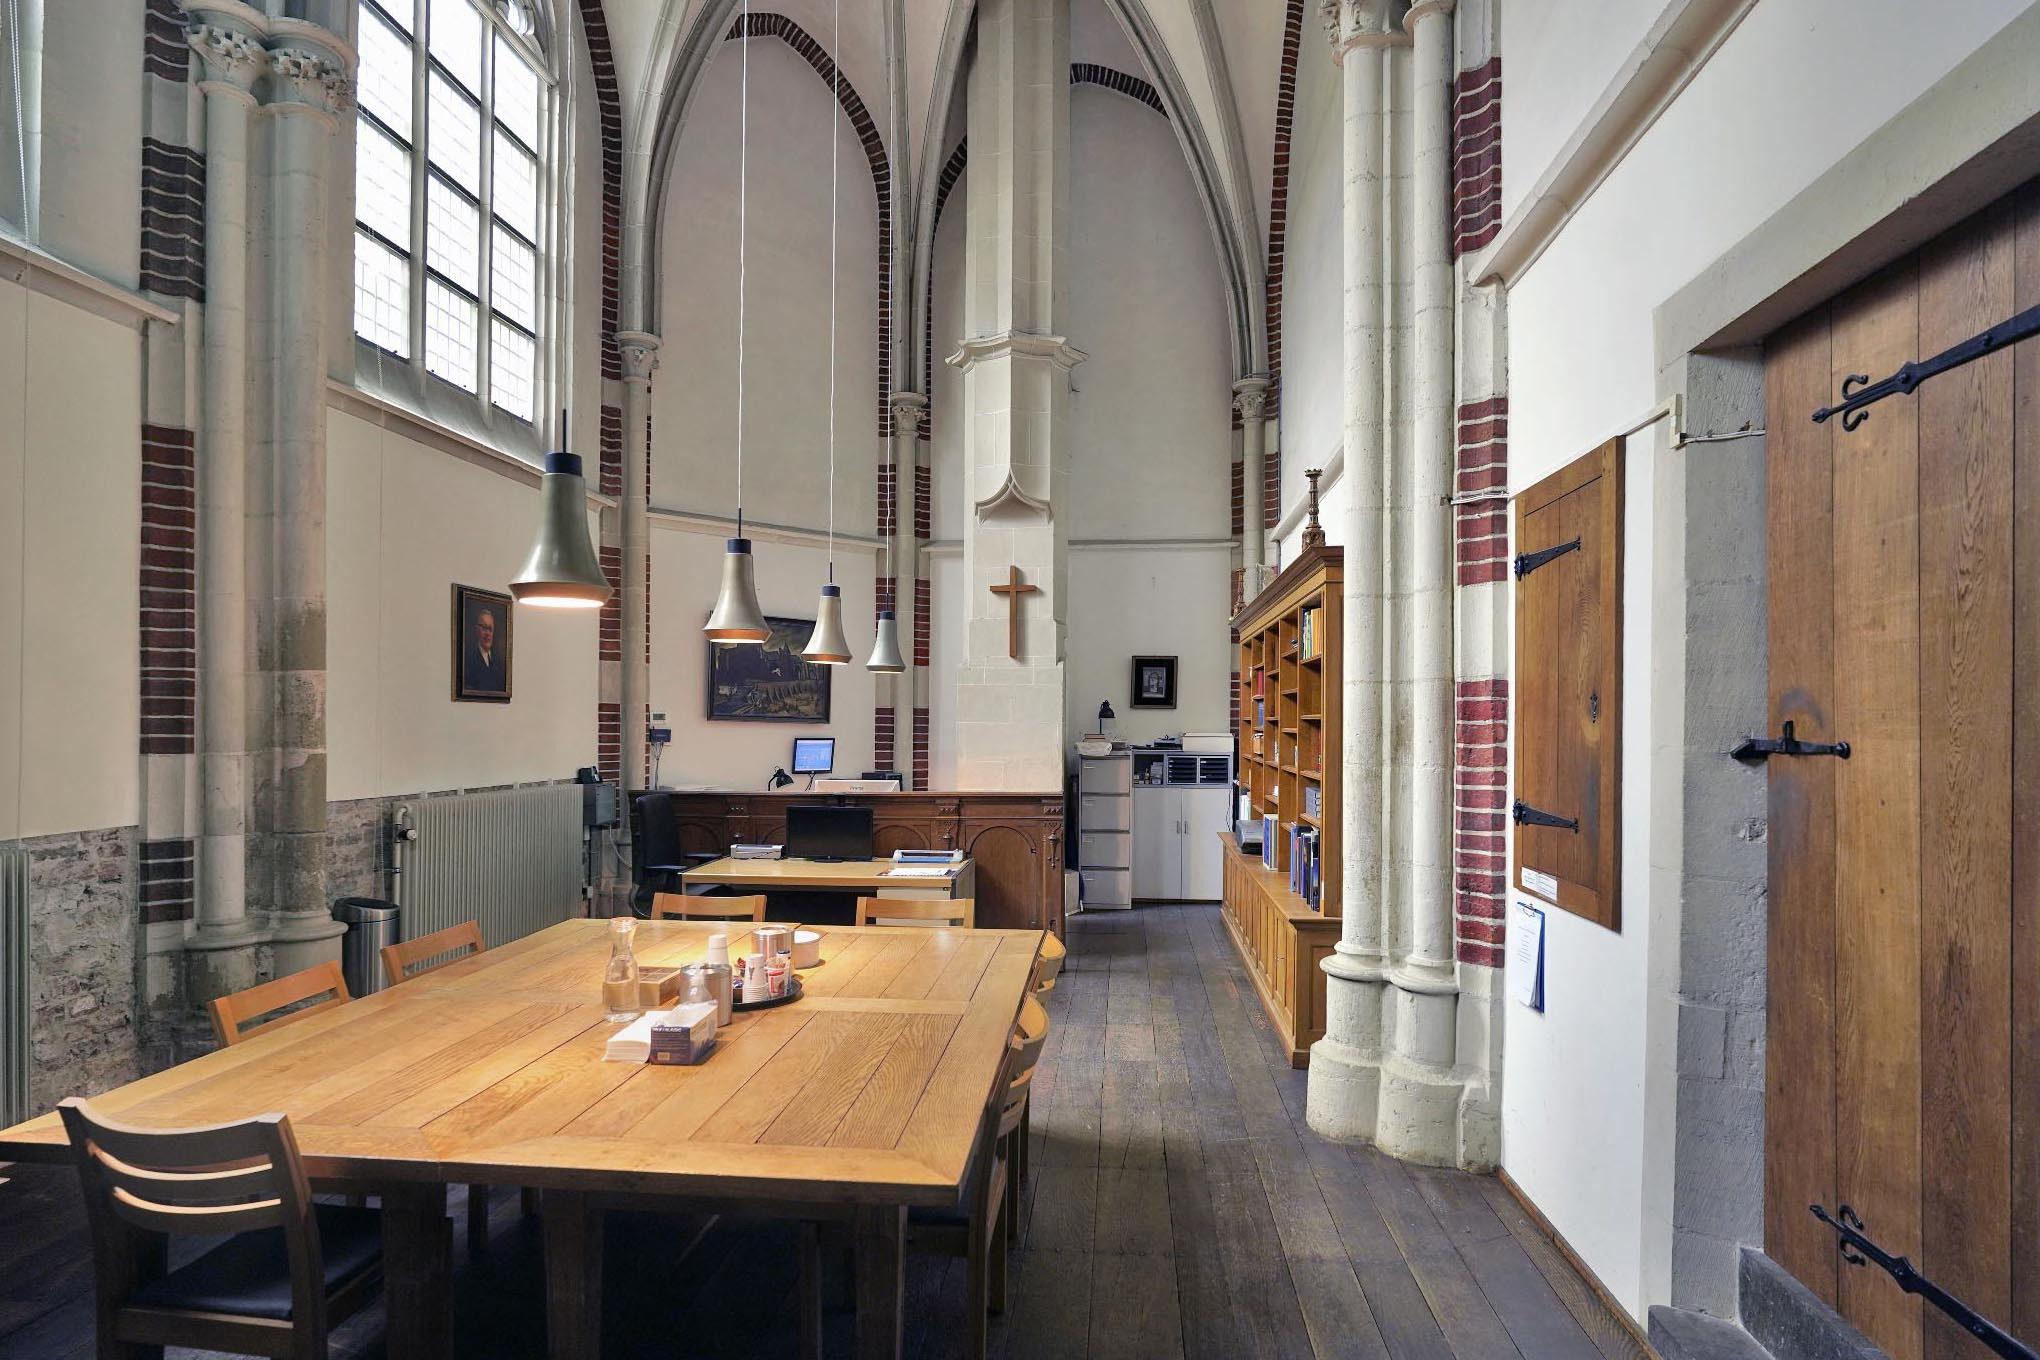 Gerfkamer Stevenskerk gezien vanaf de deur